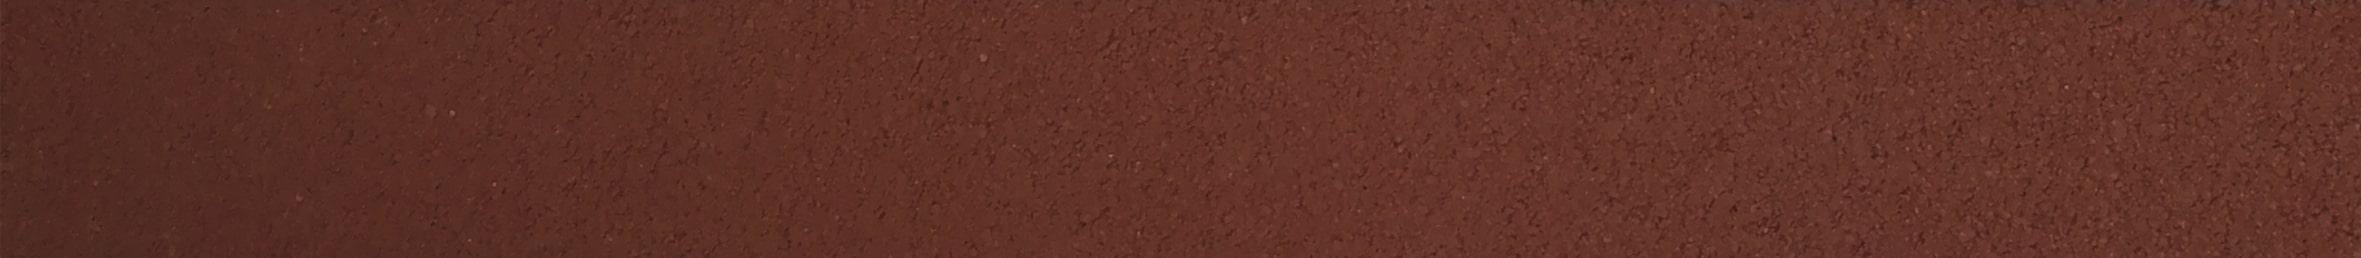 Fugenmörtel - Fugenfarbe 1026